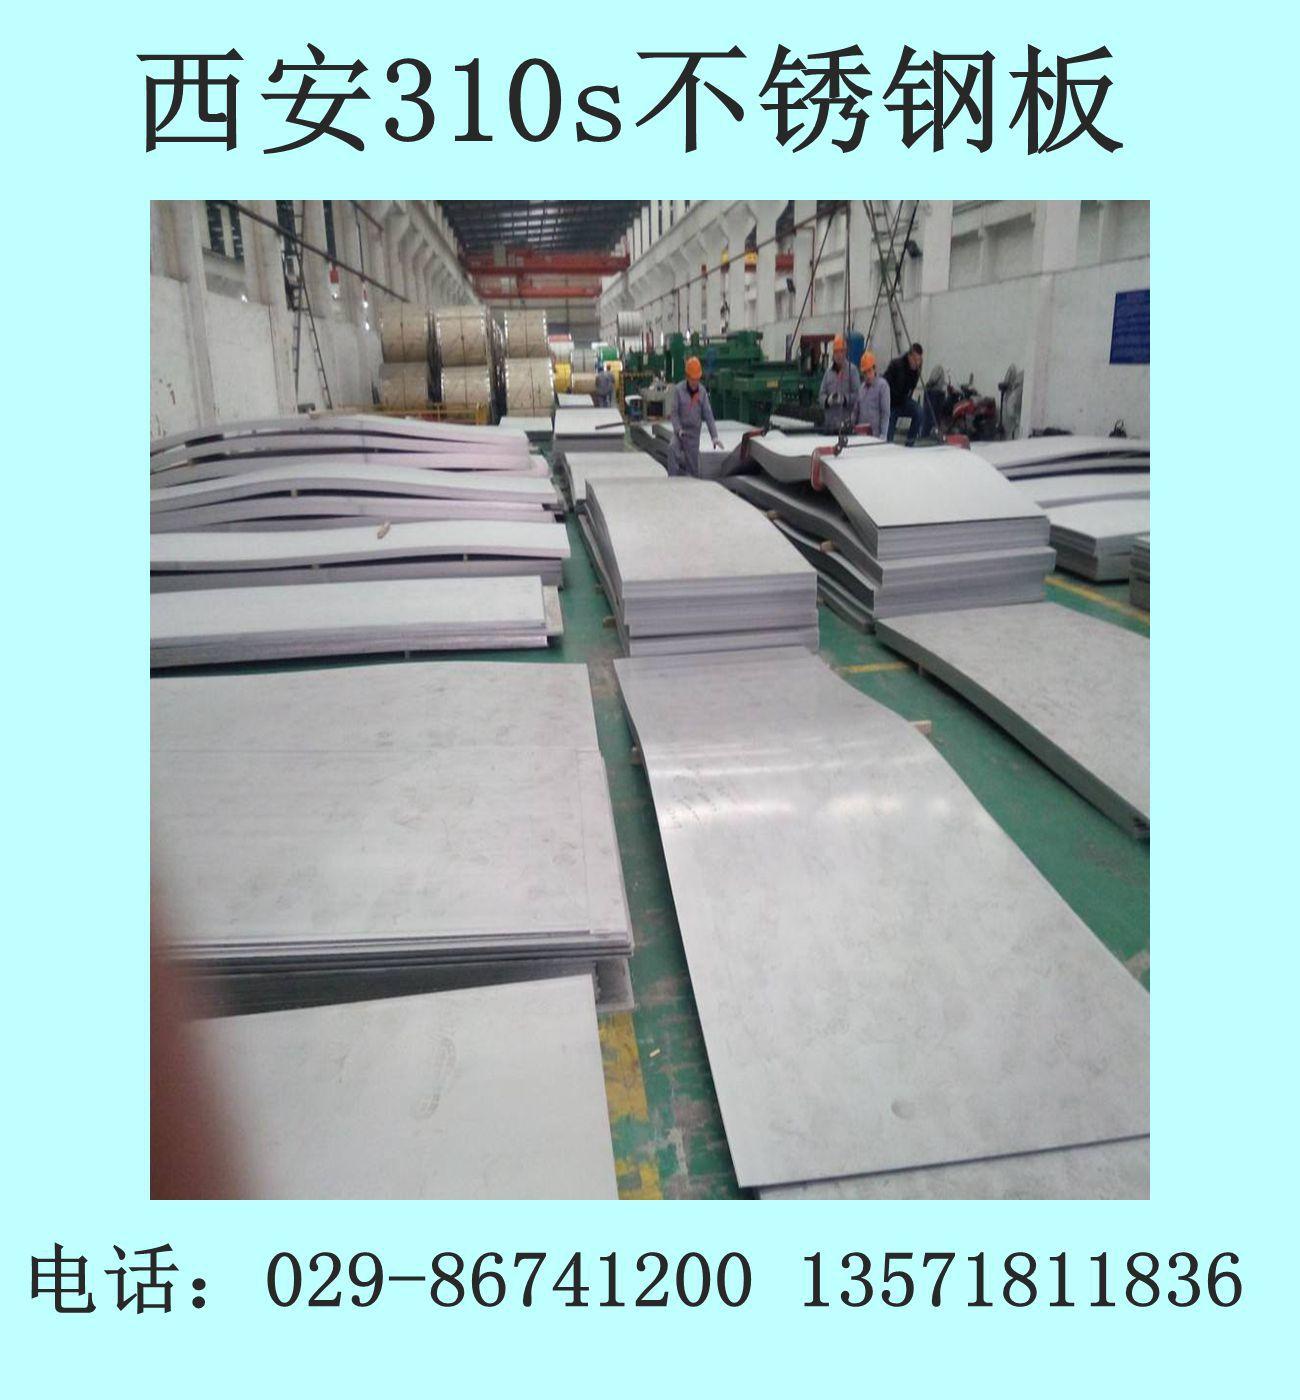 库尔勒不锈钢板304不锈钢板316不锈钢板310s不锈钢板厂家直销